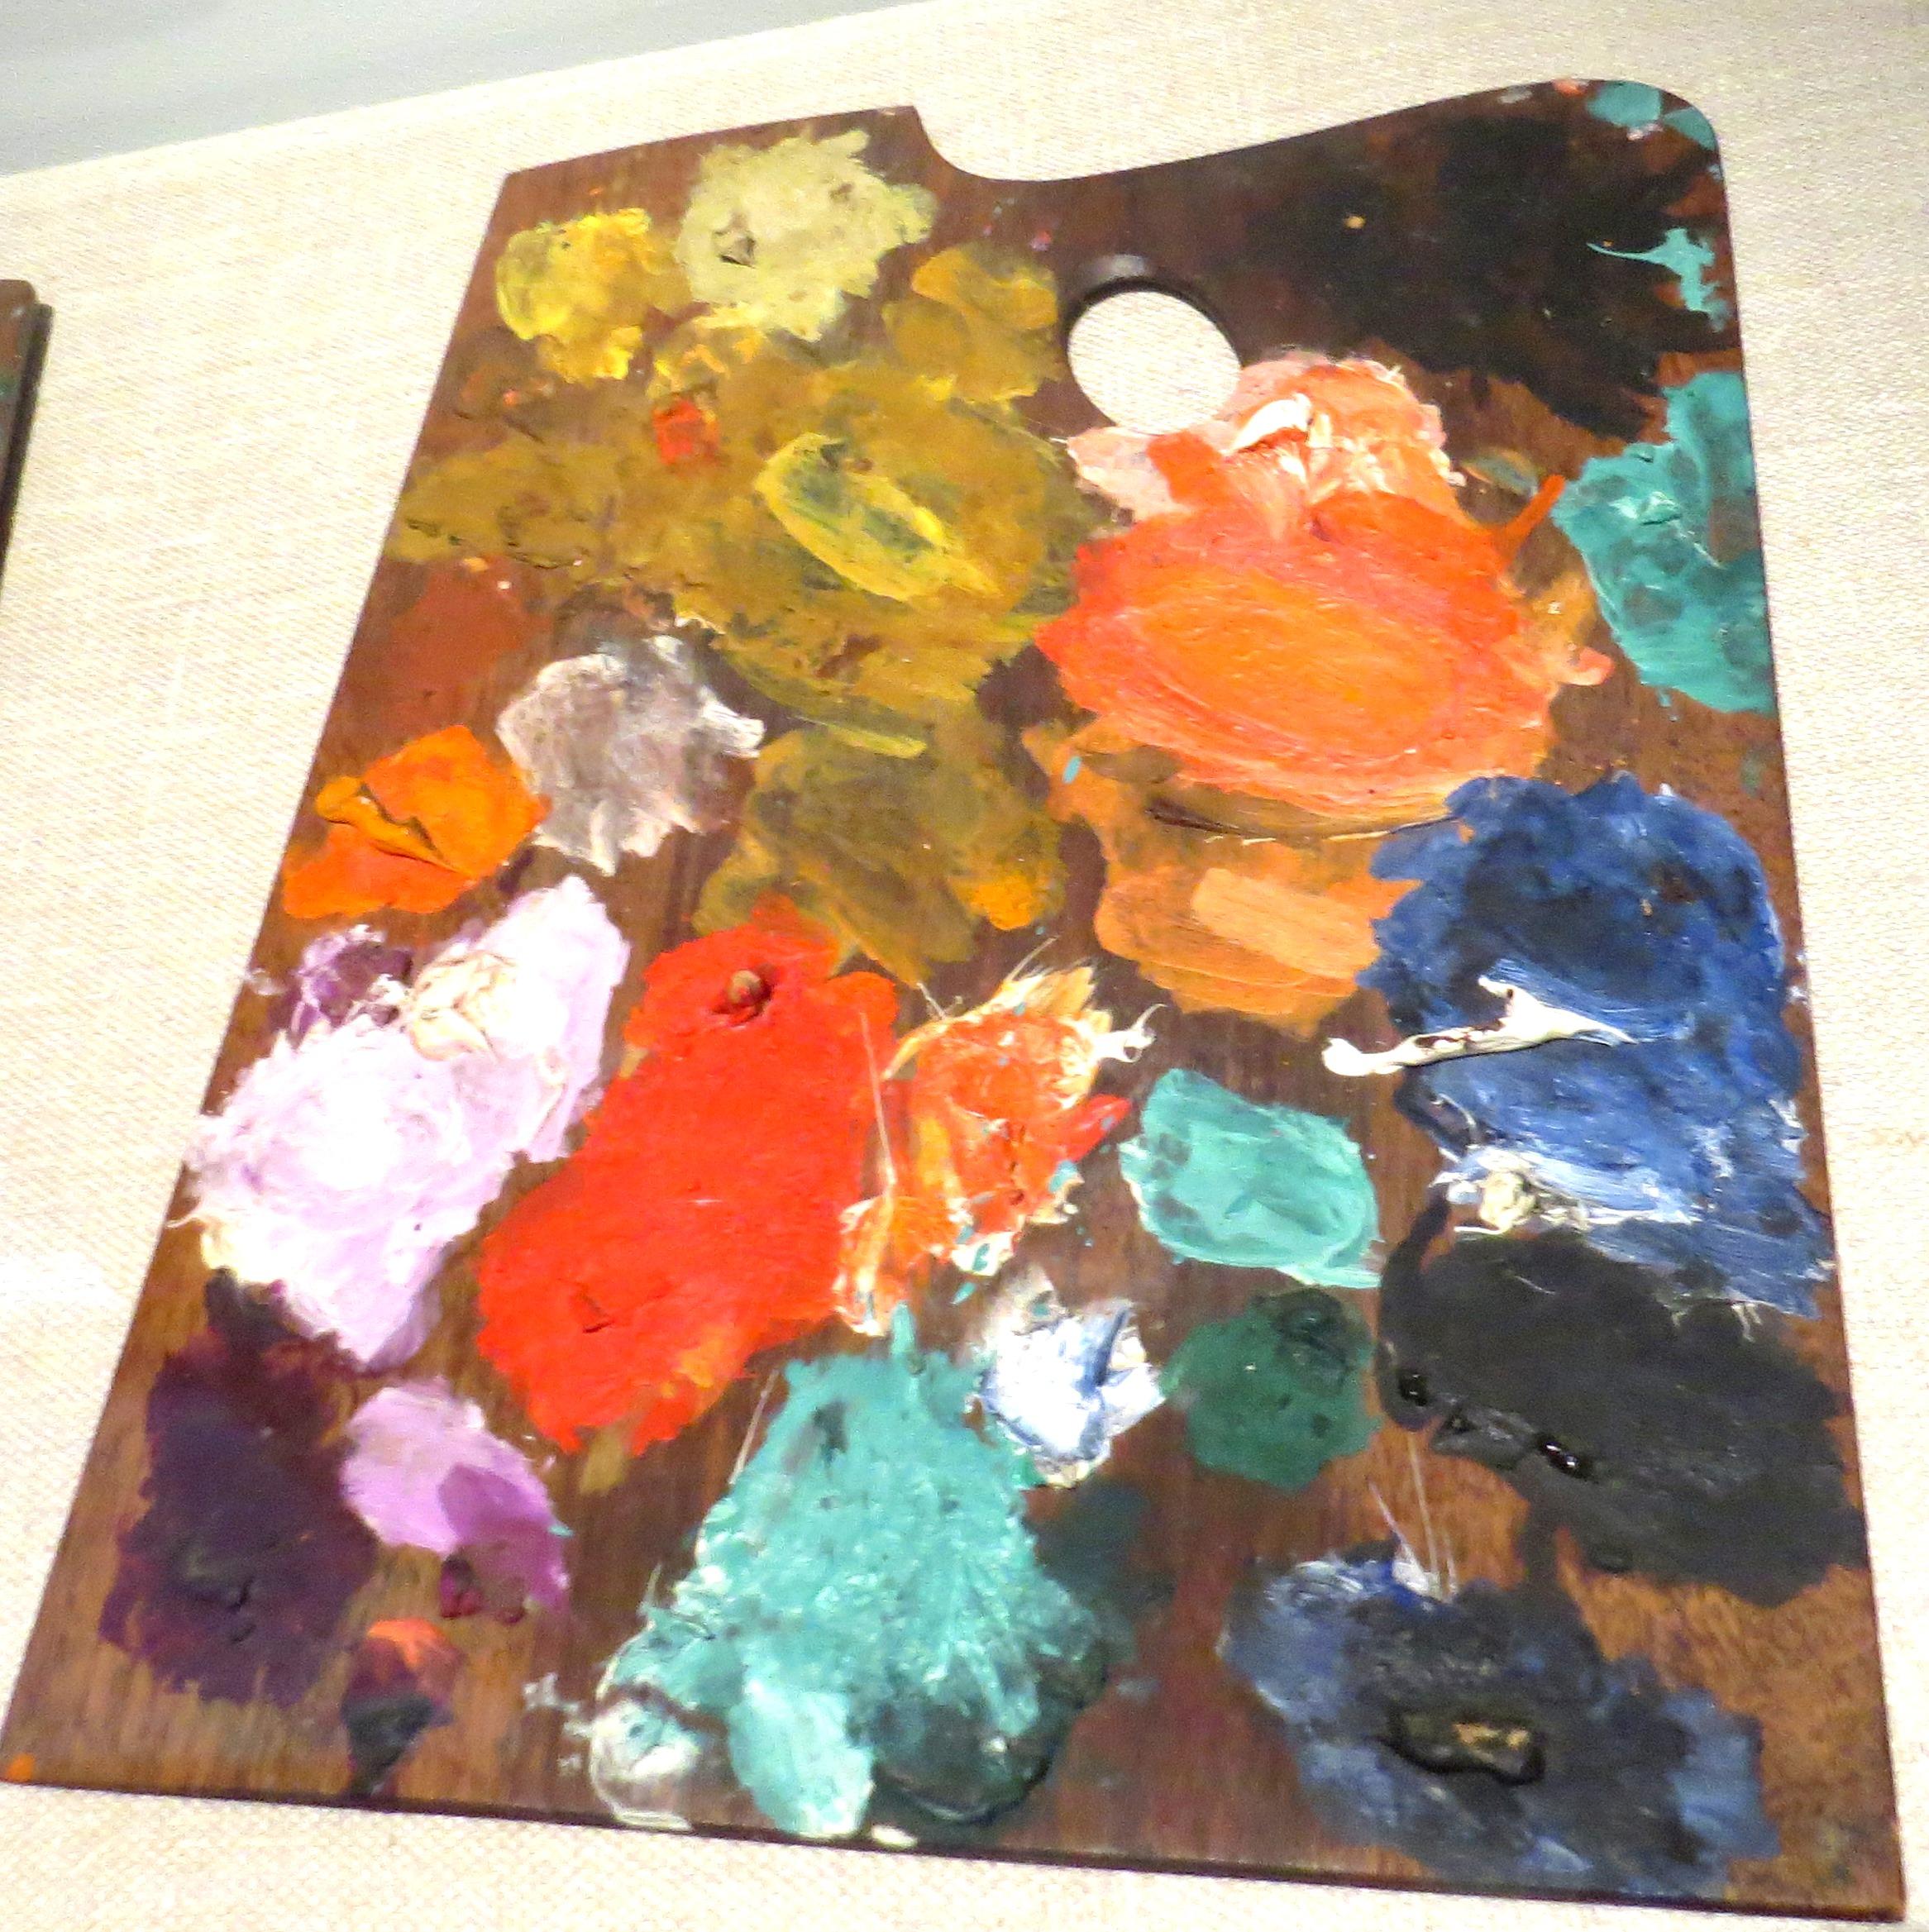 פלטת הצבעים של מאטיס